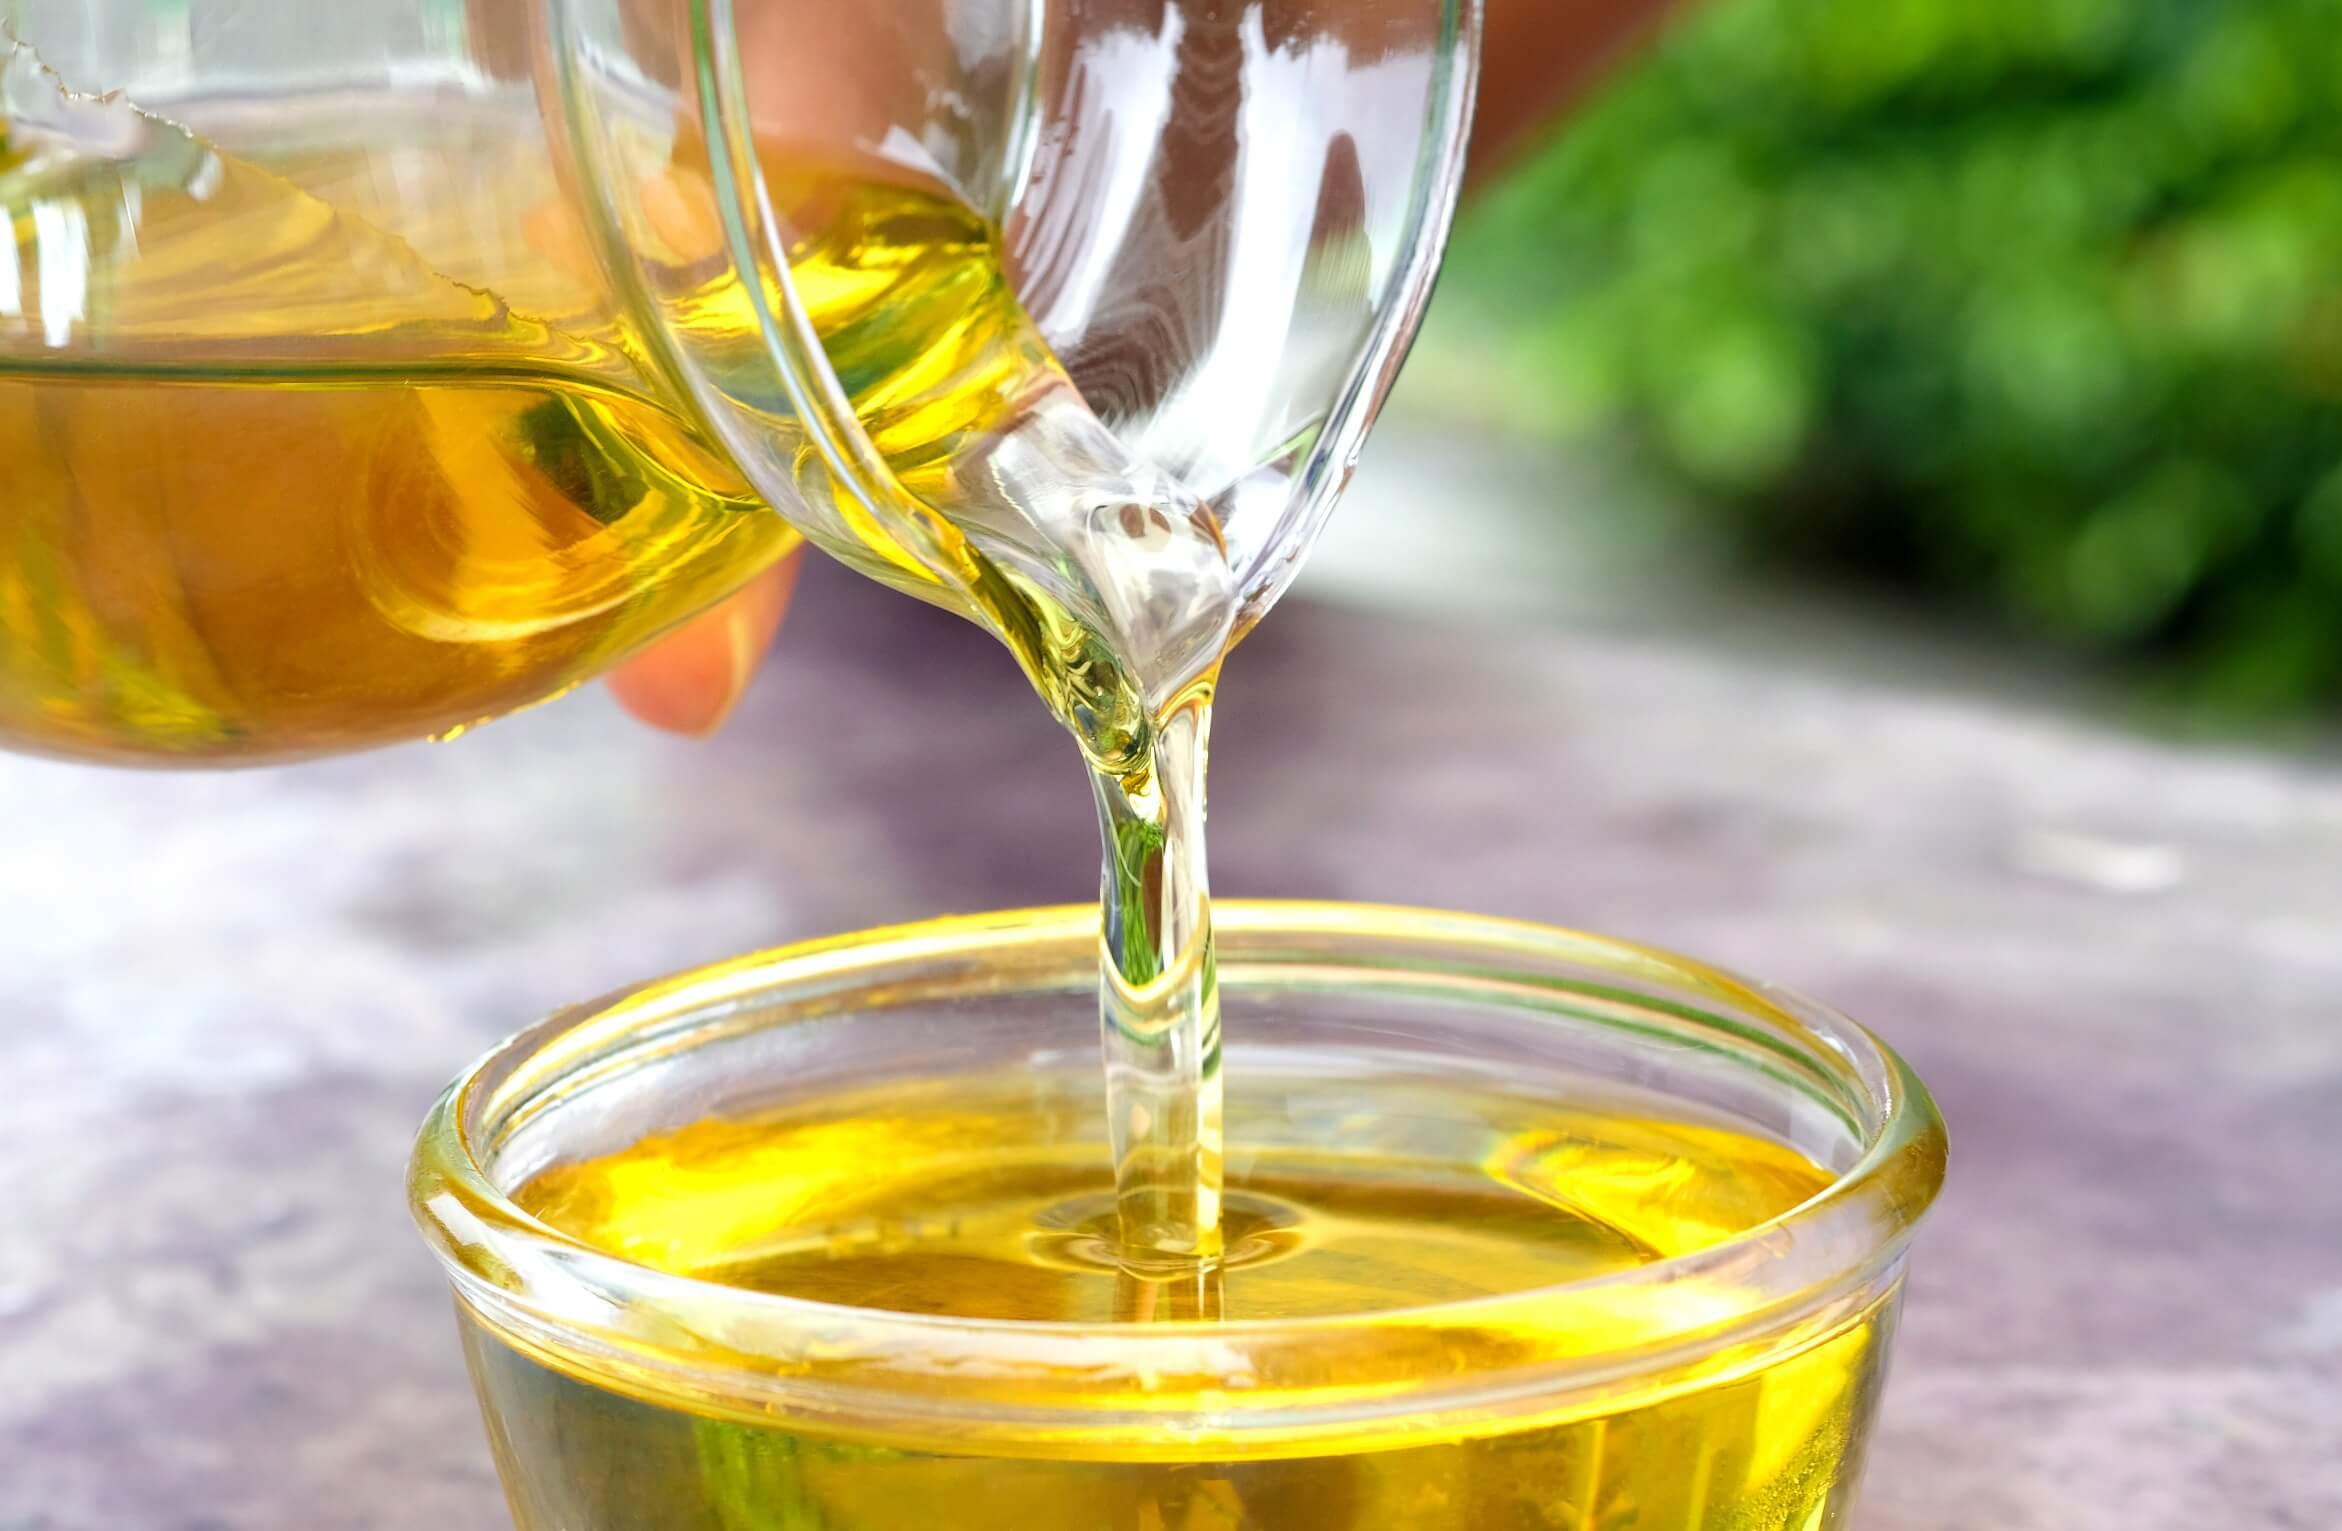 「西川農藝」の安心安全な『植物油』自家農園で自然栽培の原料を低温圧搾生搾り!